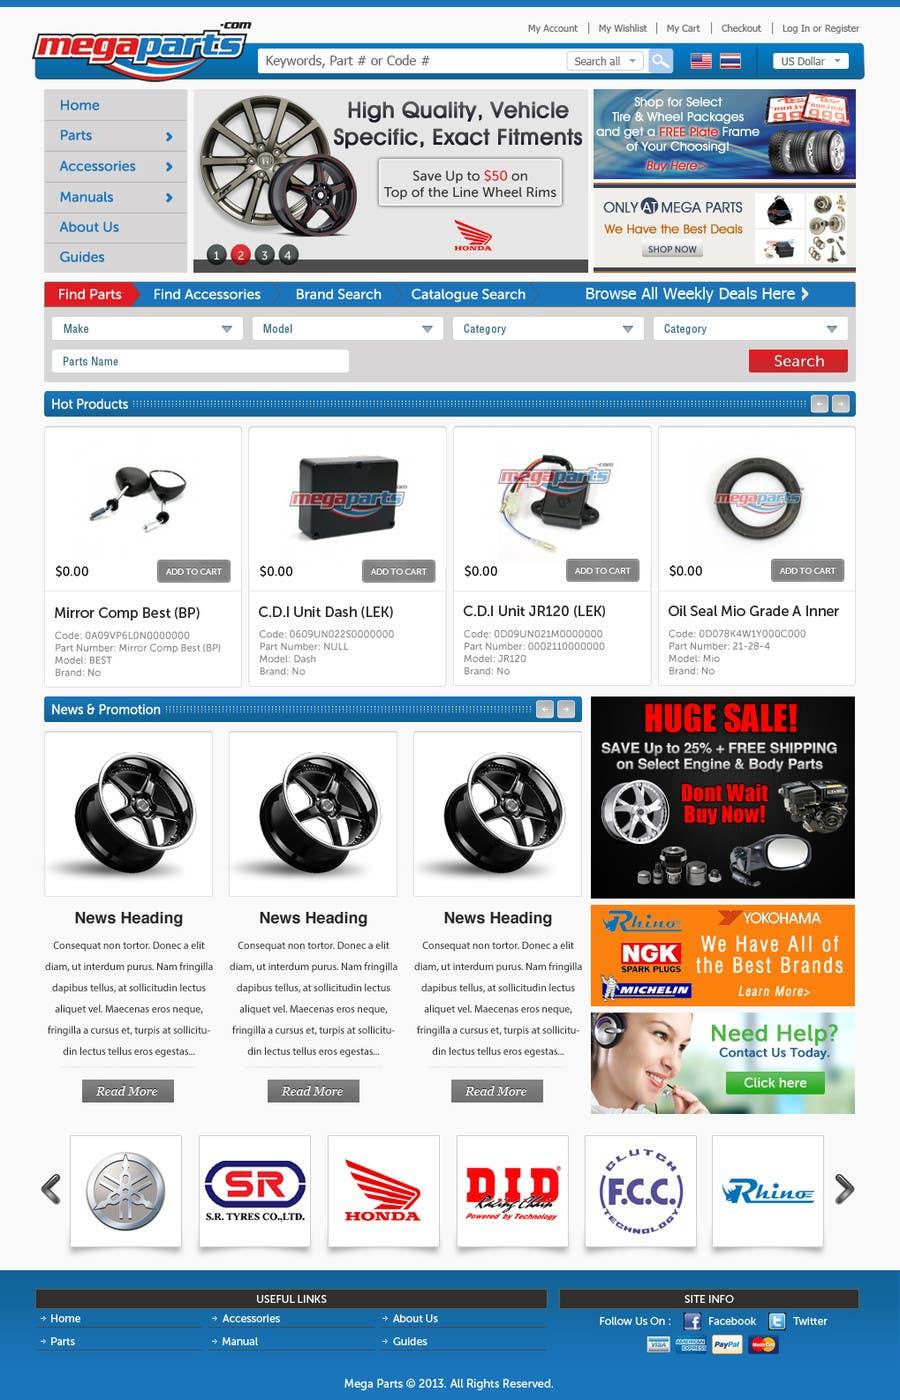 #27 for Design a Website Mockup for megaparts.com by JosephNgo